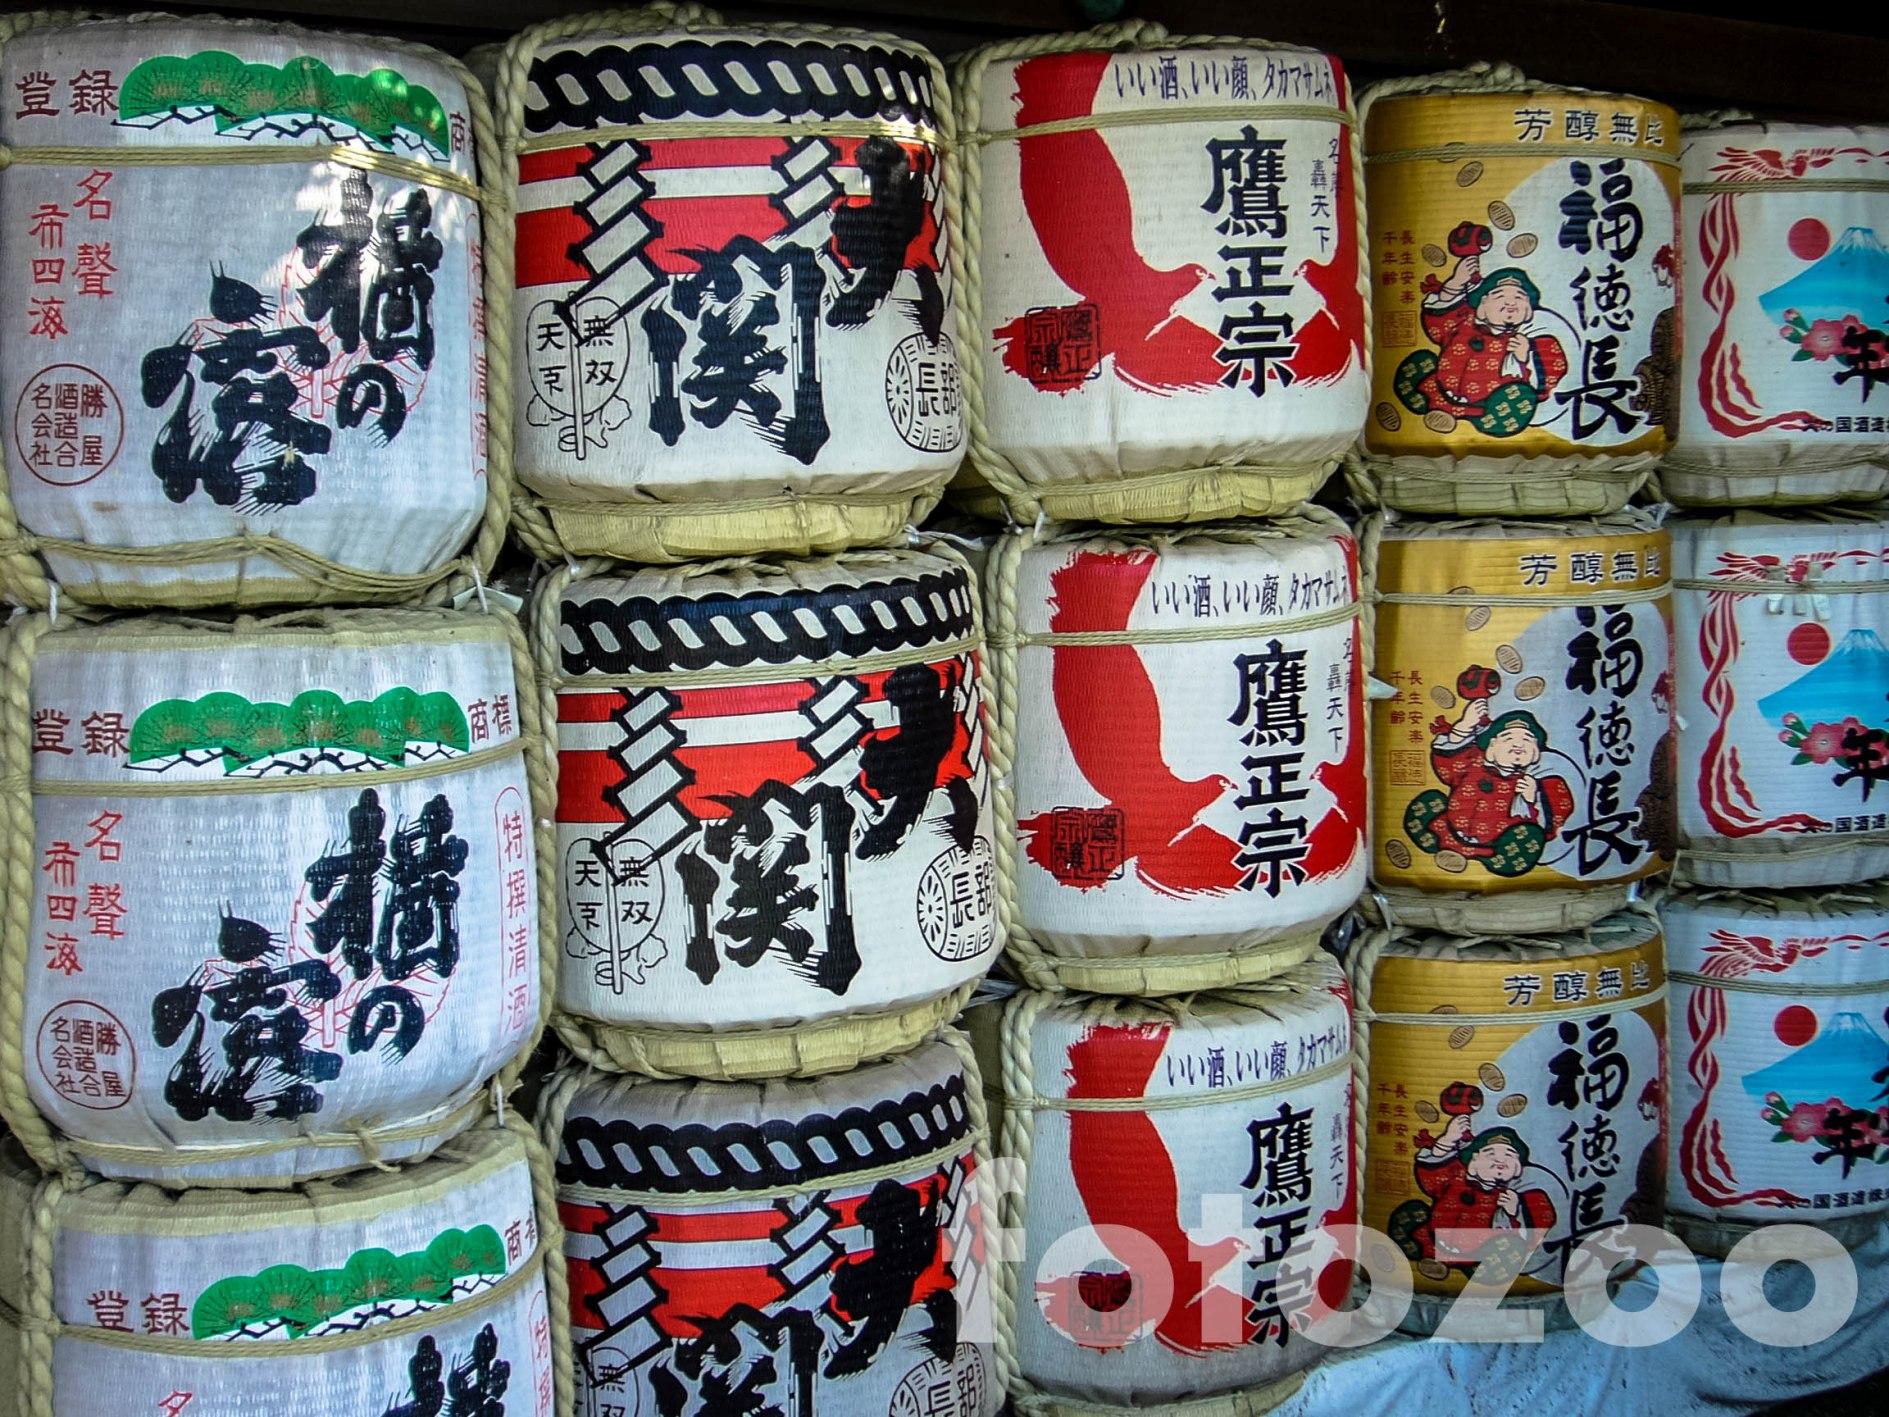 Minden sintó szentély elmaradhatatlan hozzátartozói a szakés hordók.